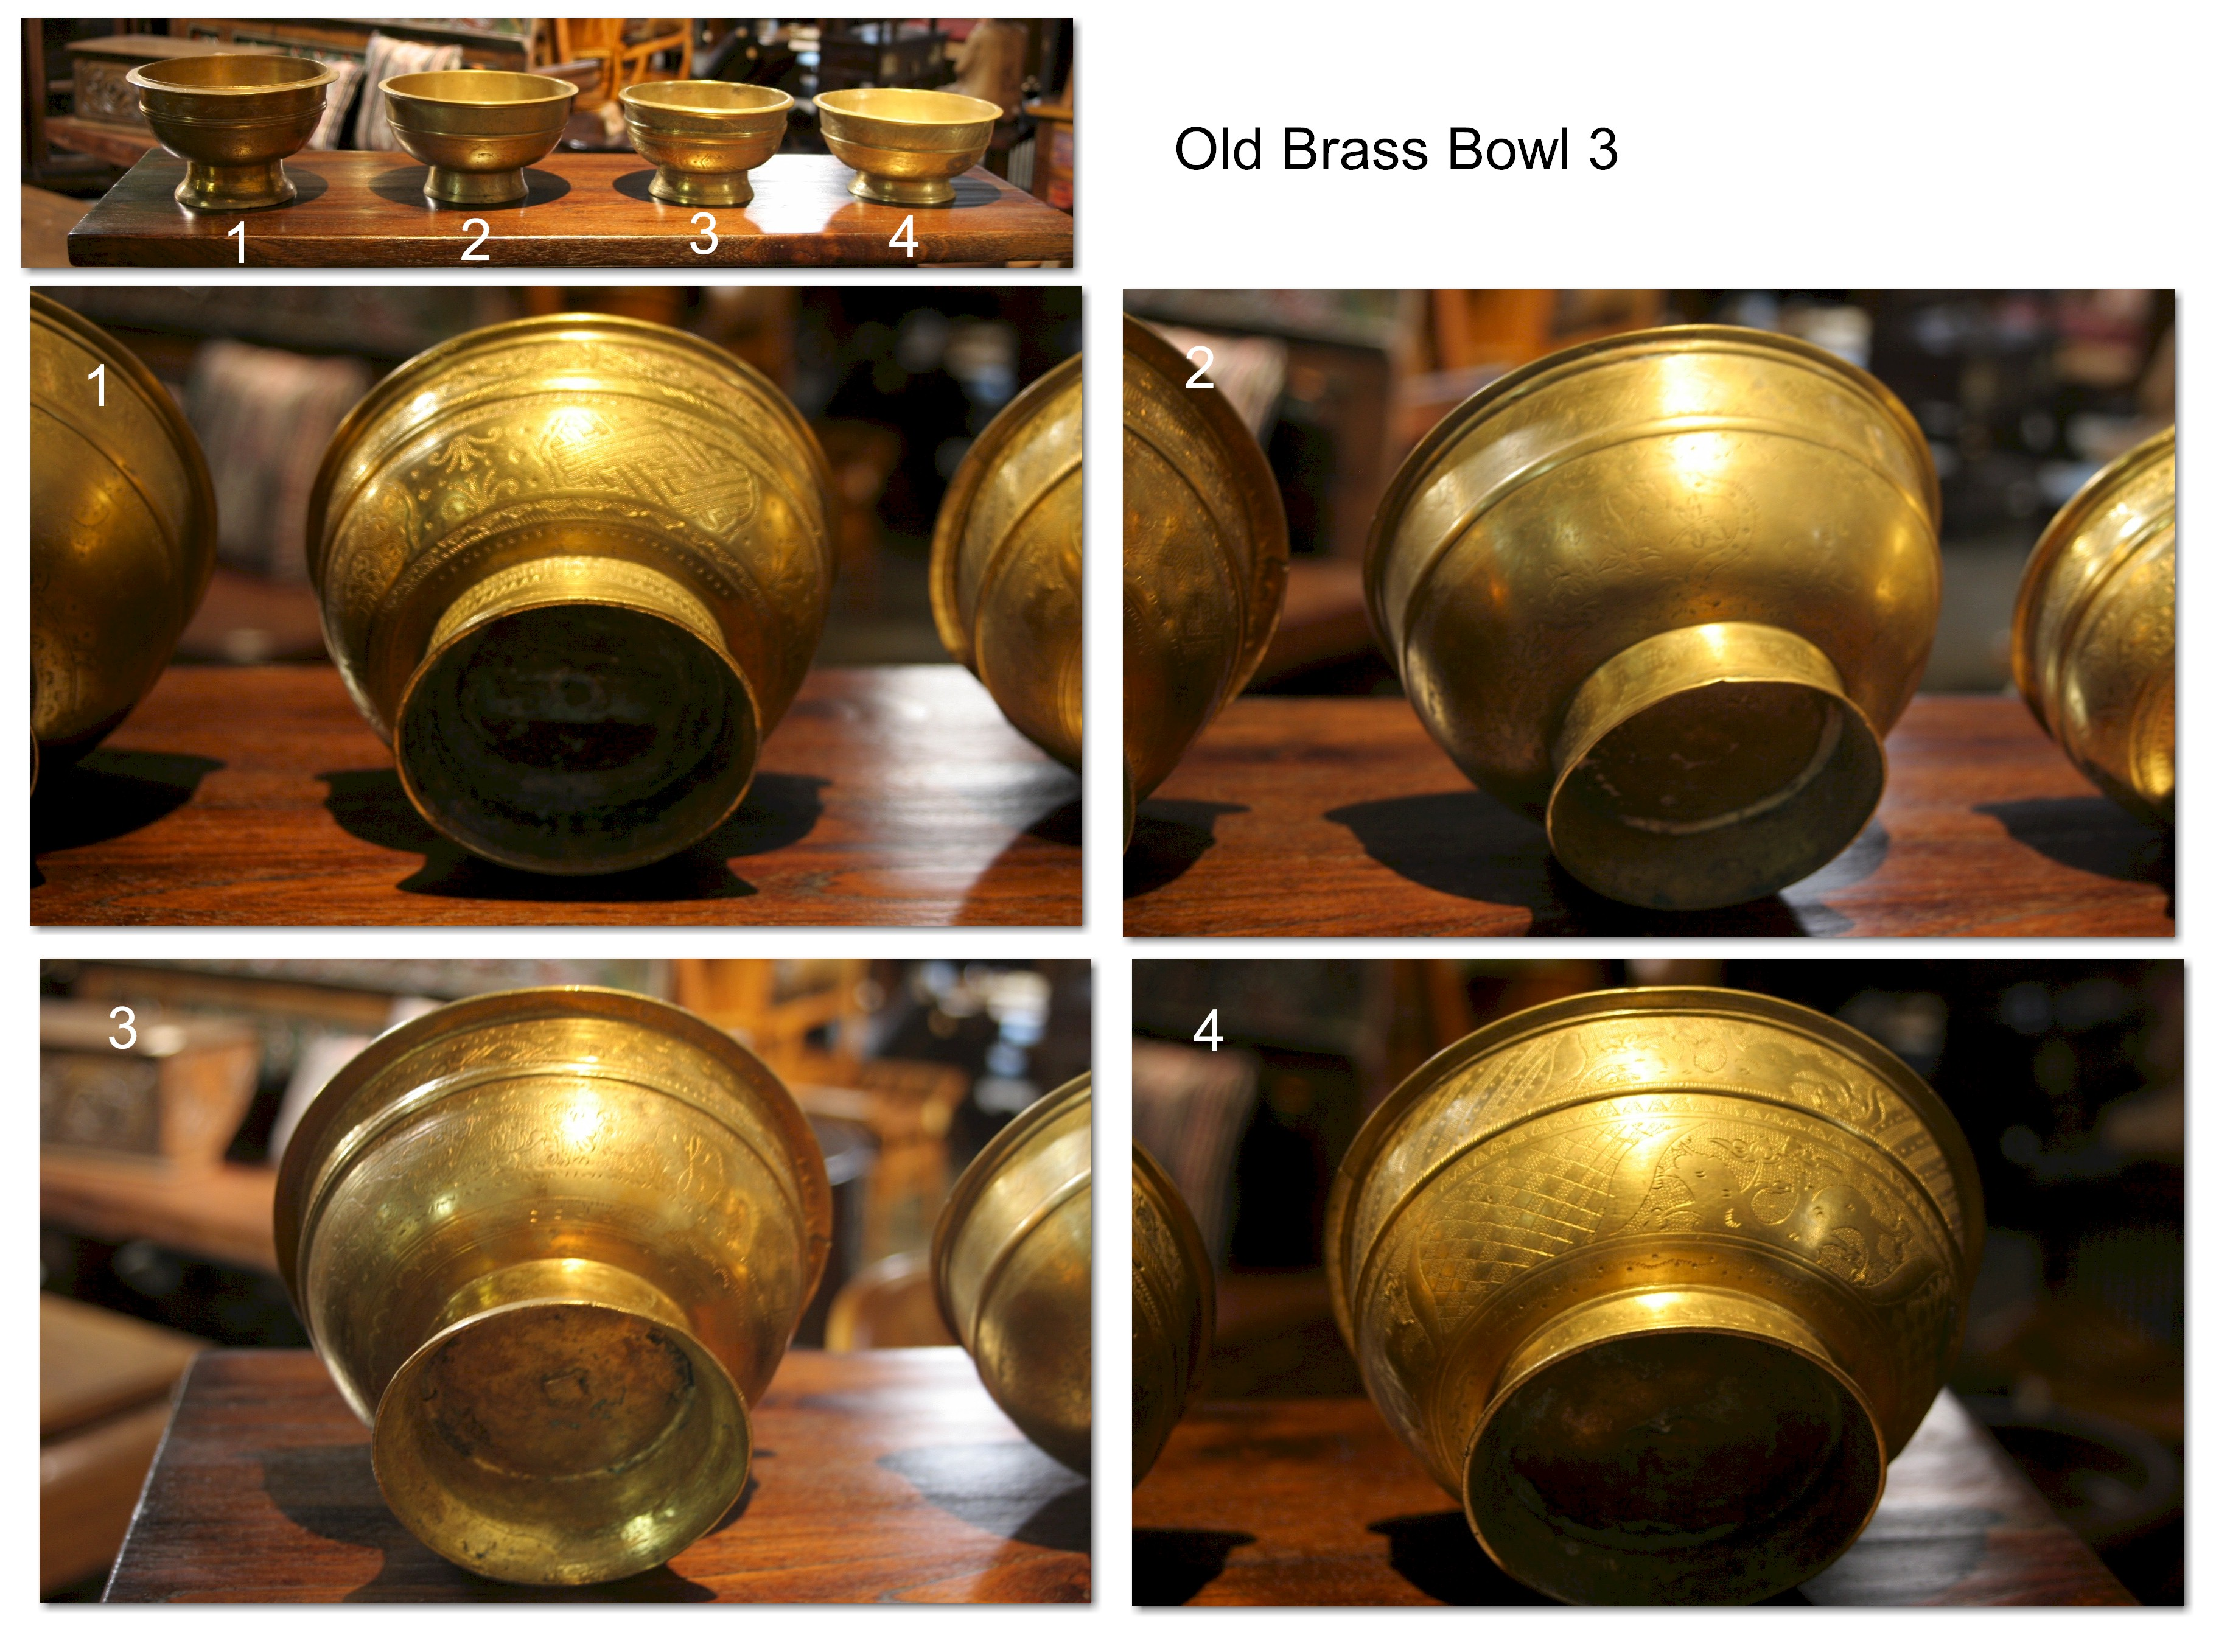 Old Brass Bowl 3